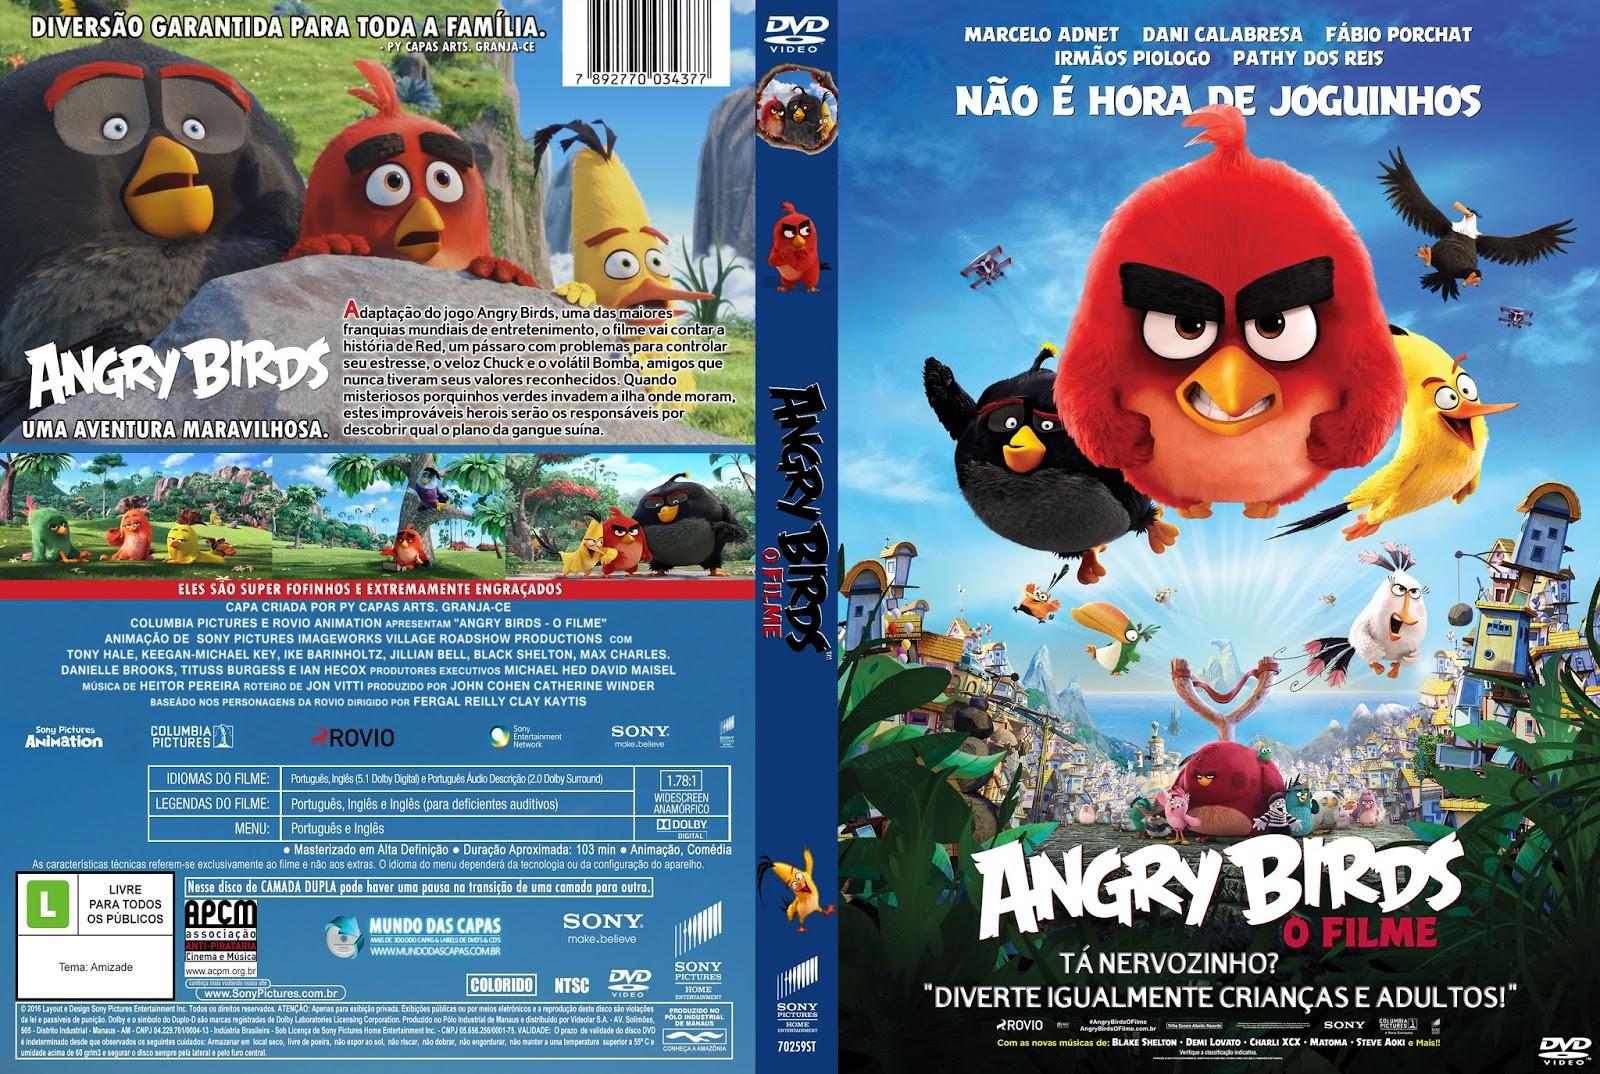 Angry Birds O Filme BDRip Dual Áudio Angry 2BBirds 2B  2BO 2BFilme 2B 25282016 2529